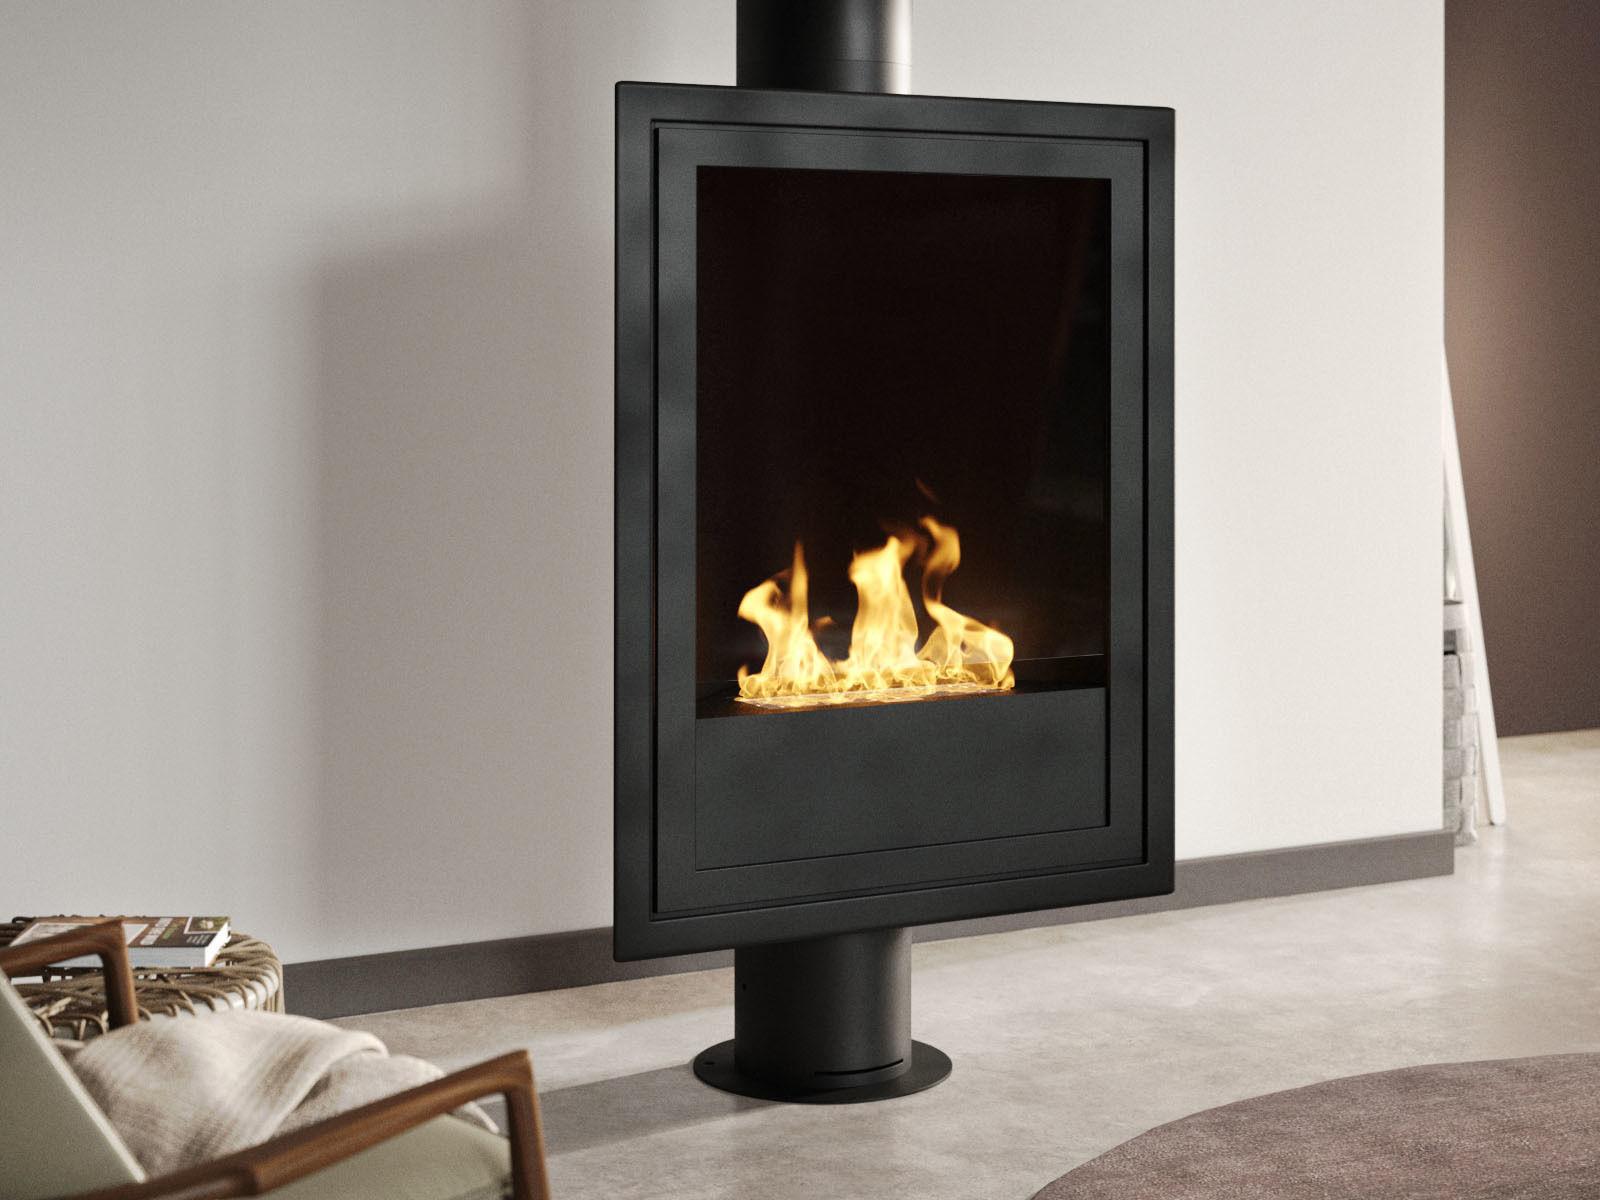 Eurofocus Gas Fireplace